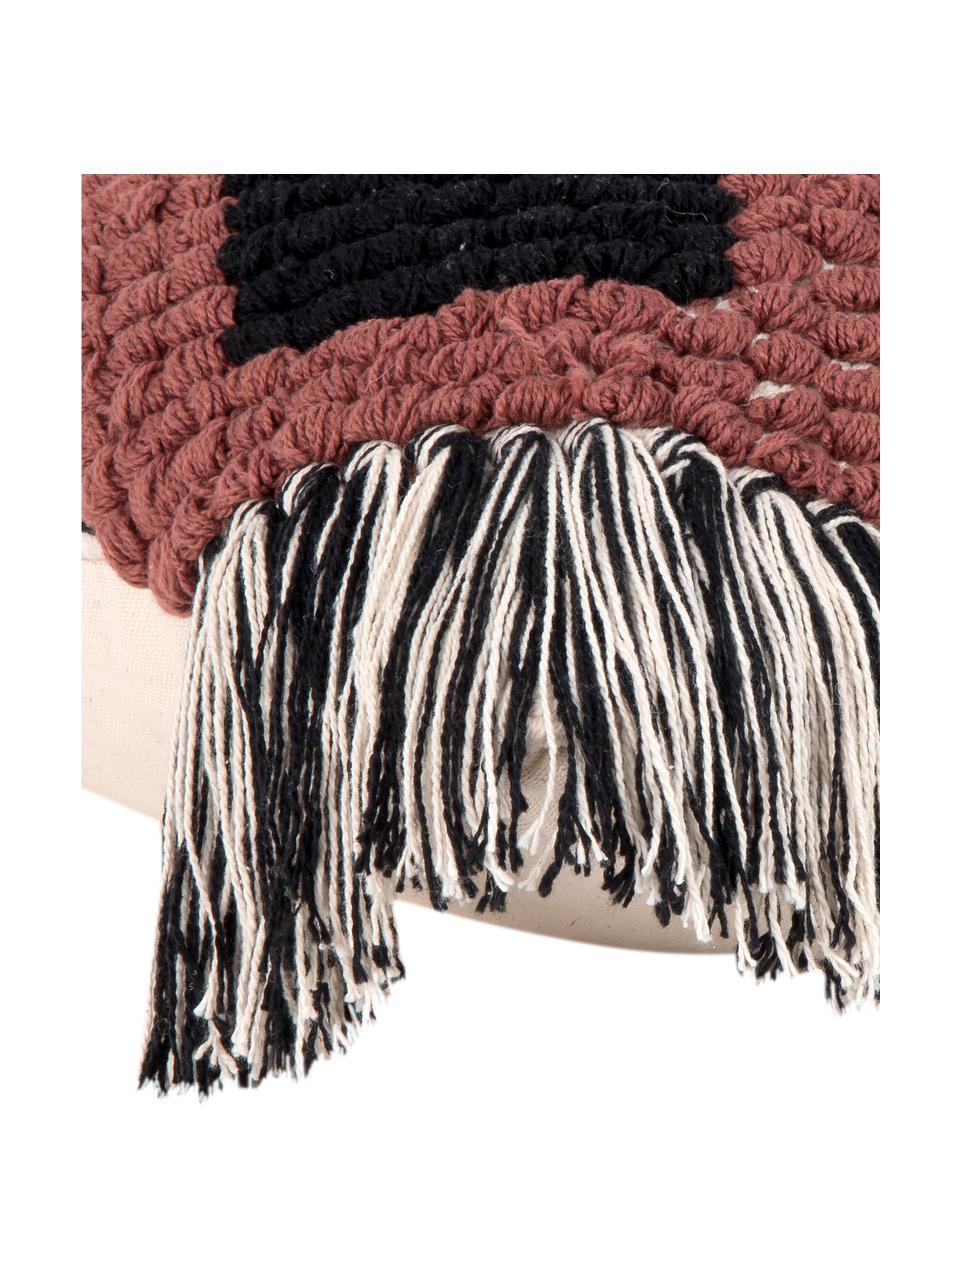 Federa arredo con frange Tanea, 100% cotone, Ecru, nero, rosso ruggine, Larg. 40 x Lung. 60 cm